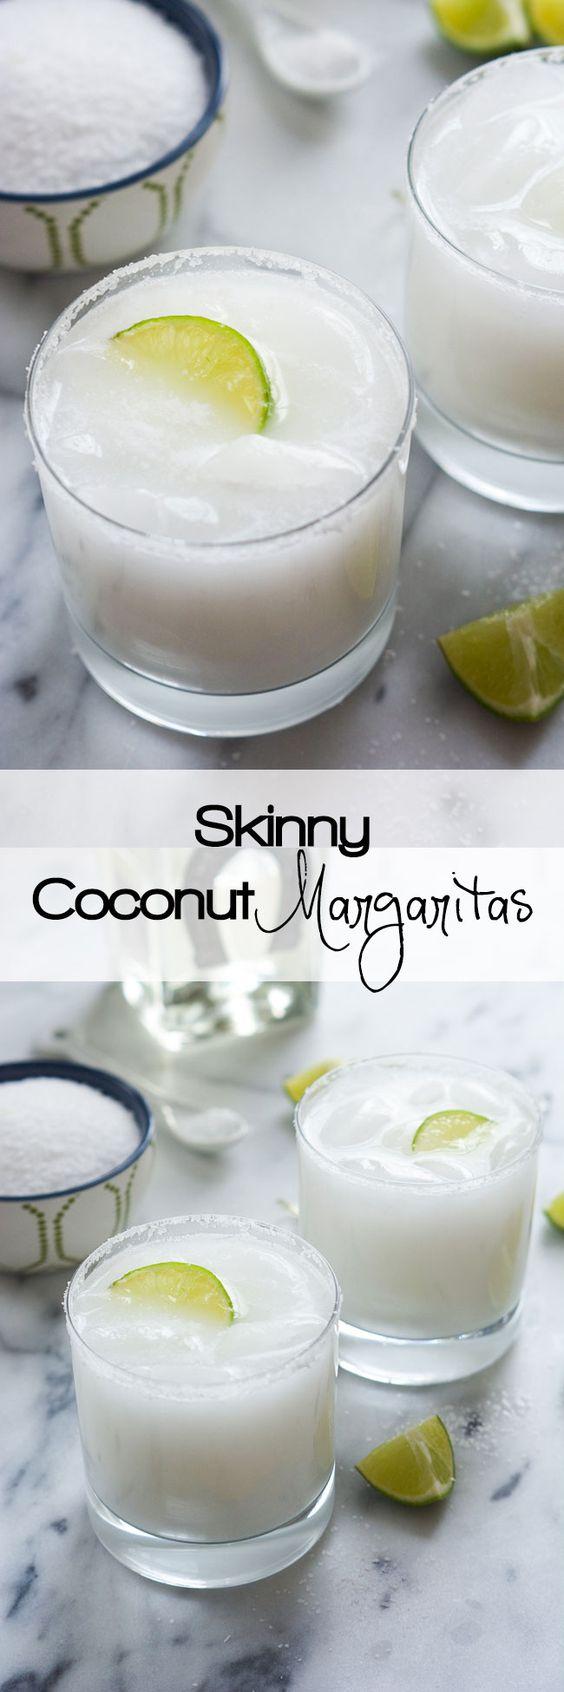 스키니 코코넛 마가리타